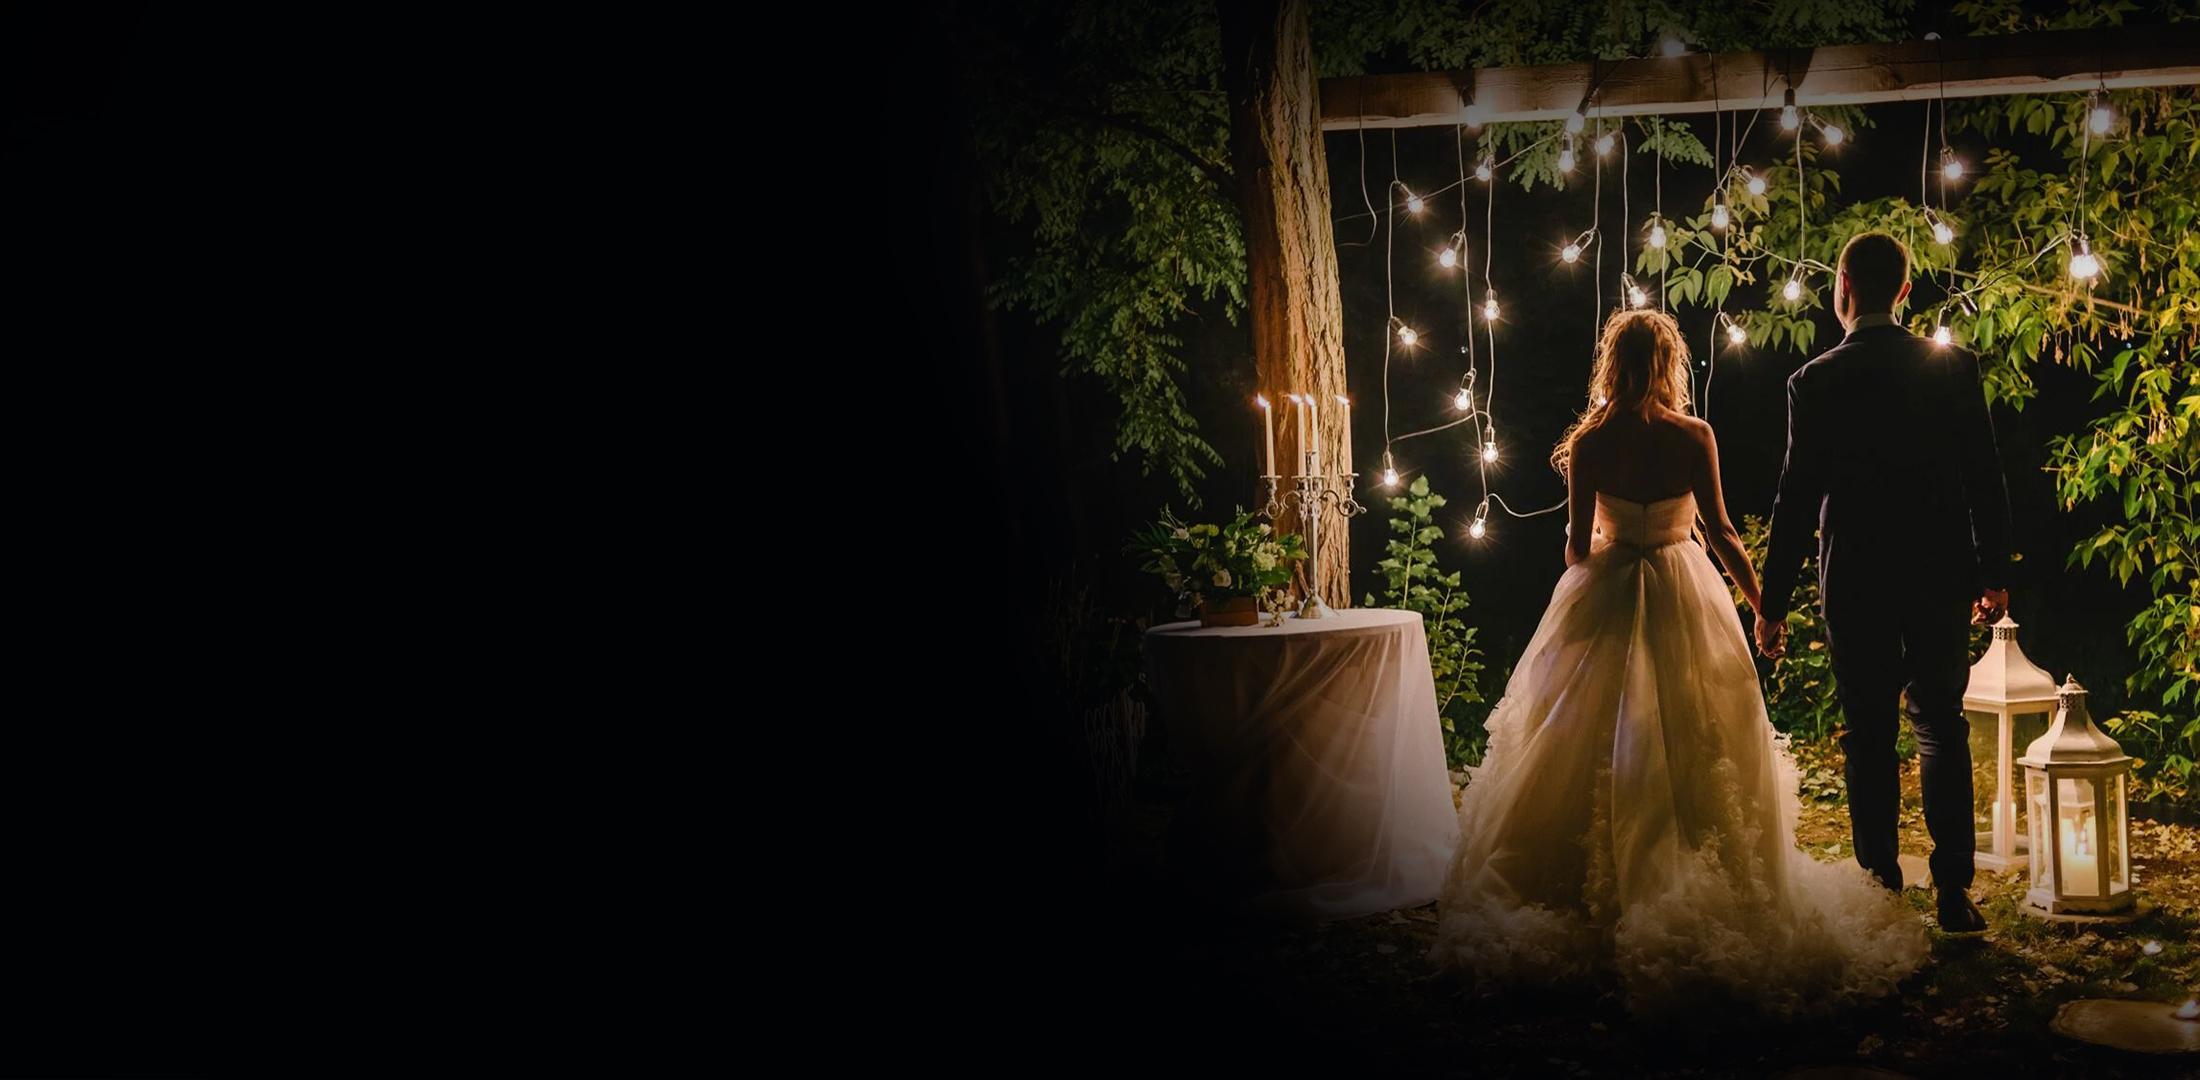 ANIMATION DE MARIAGES ET D'ÉVÉNEMENTS